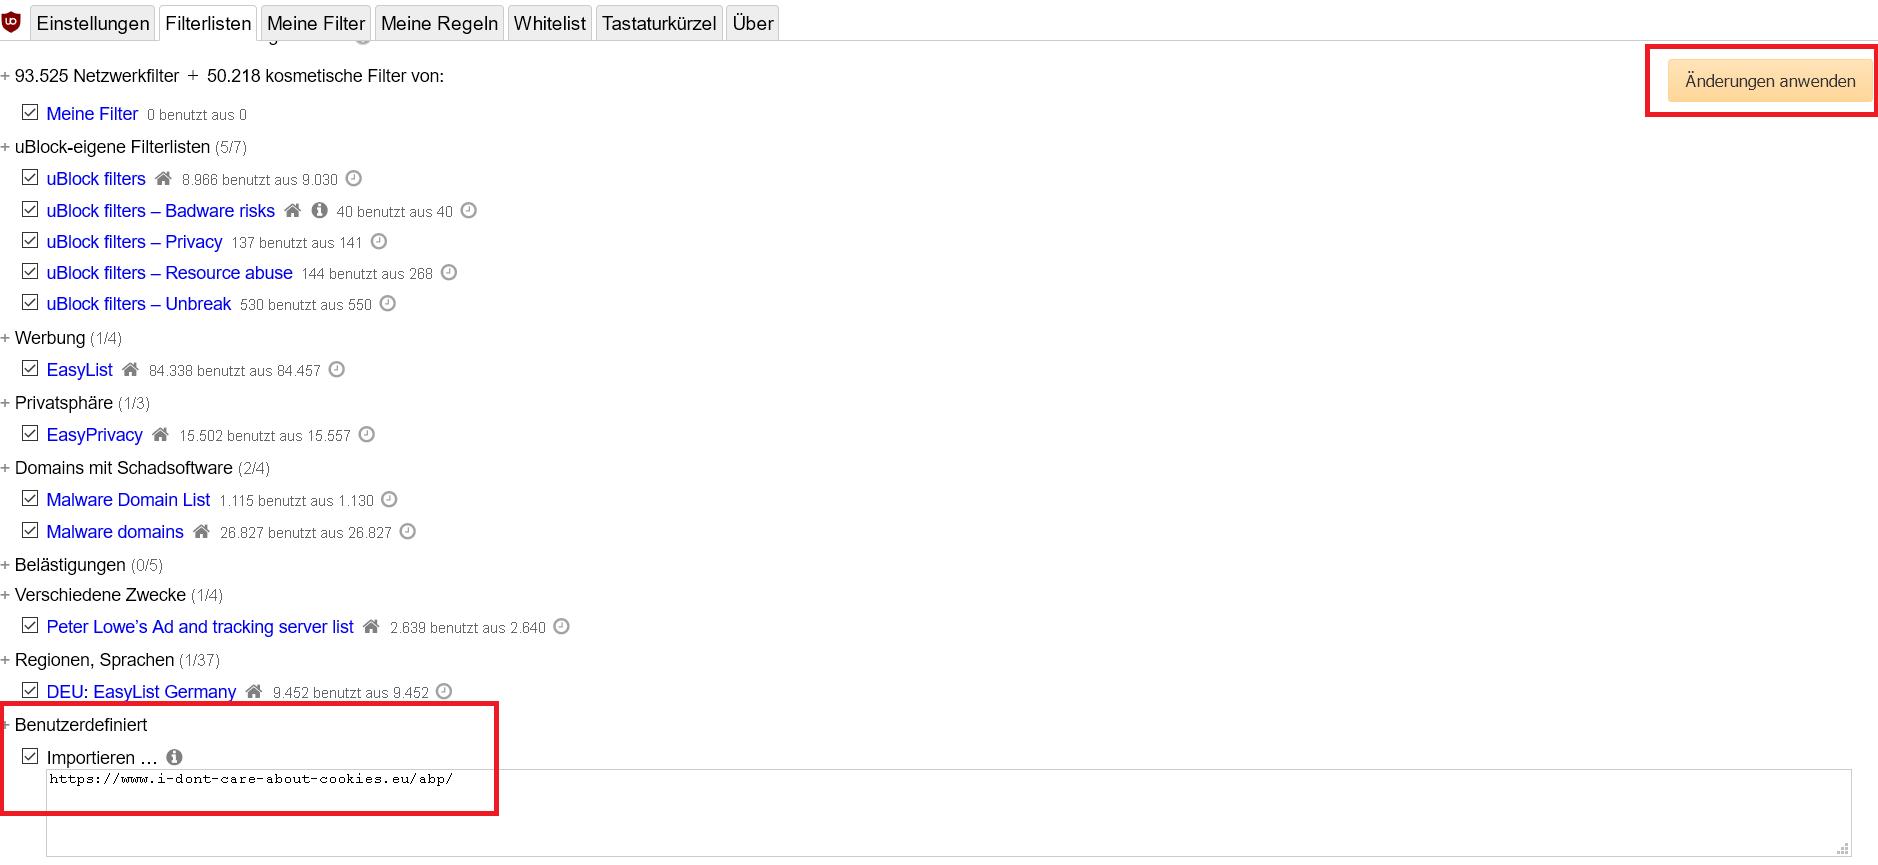 url eingeben und bestaetigen - Cookie-Hinweis auf Webseiten ausblenden im Firefox